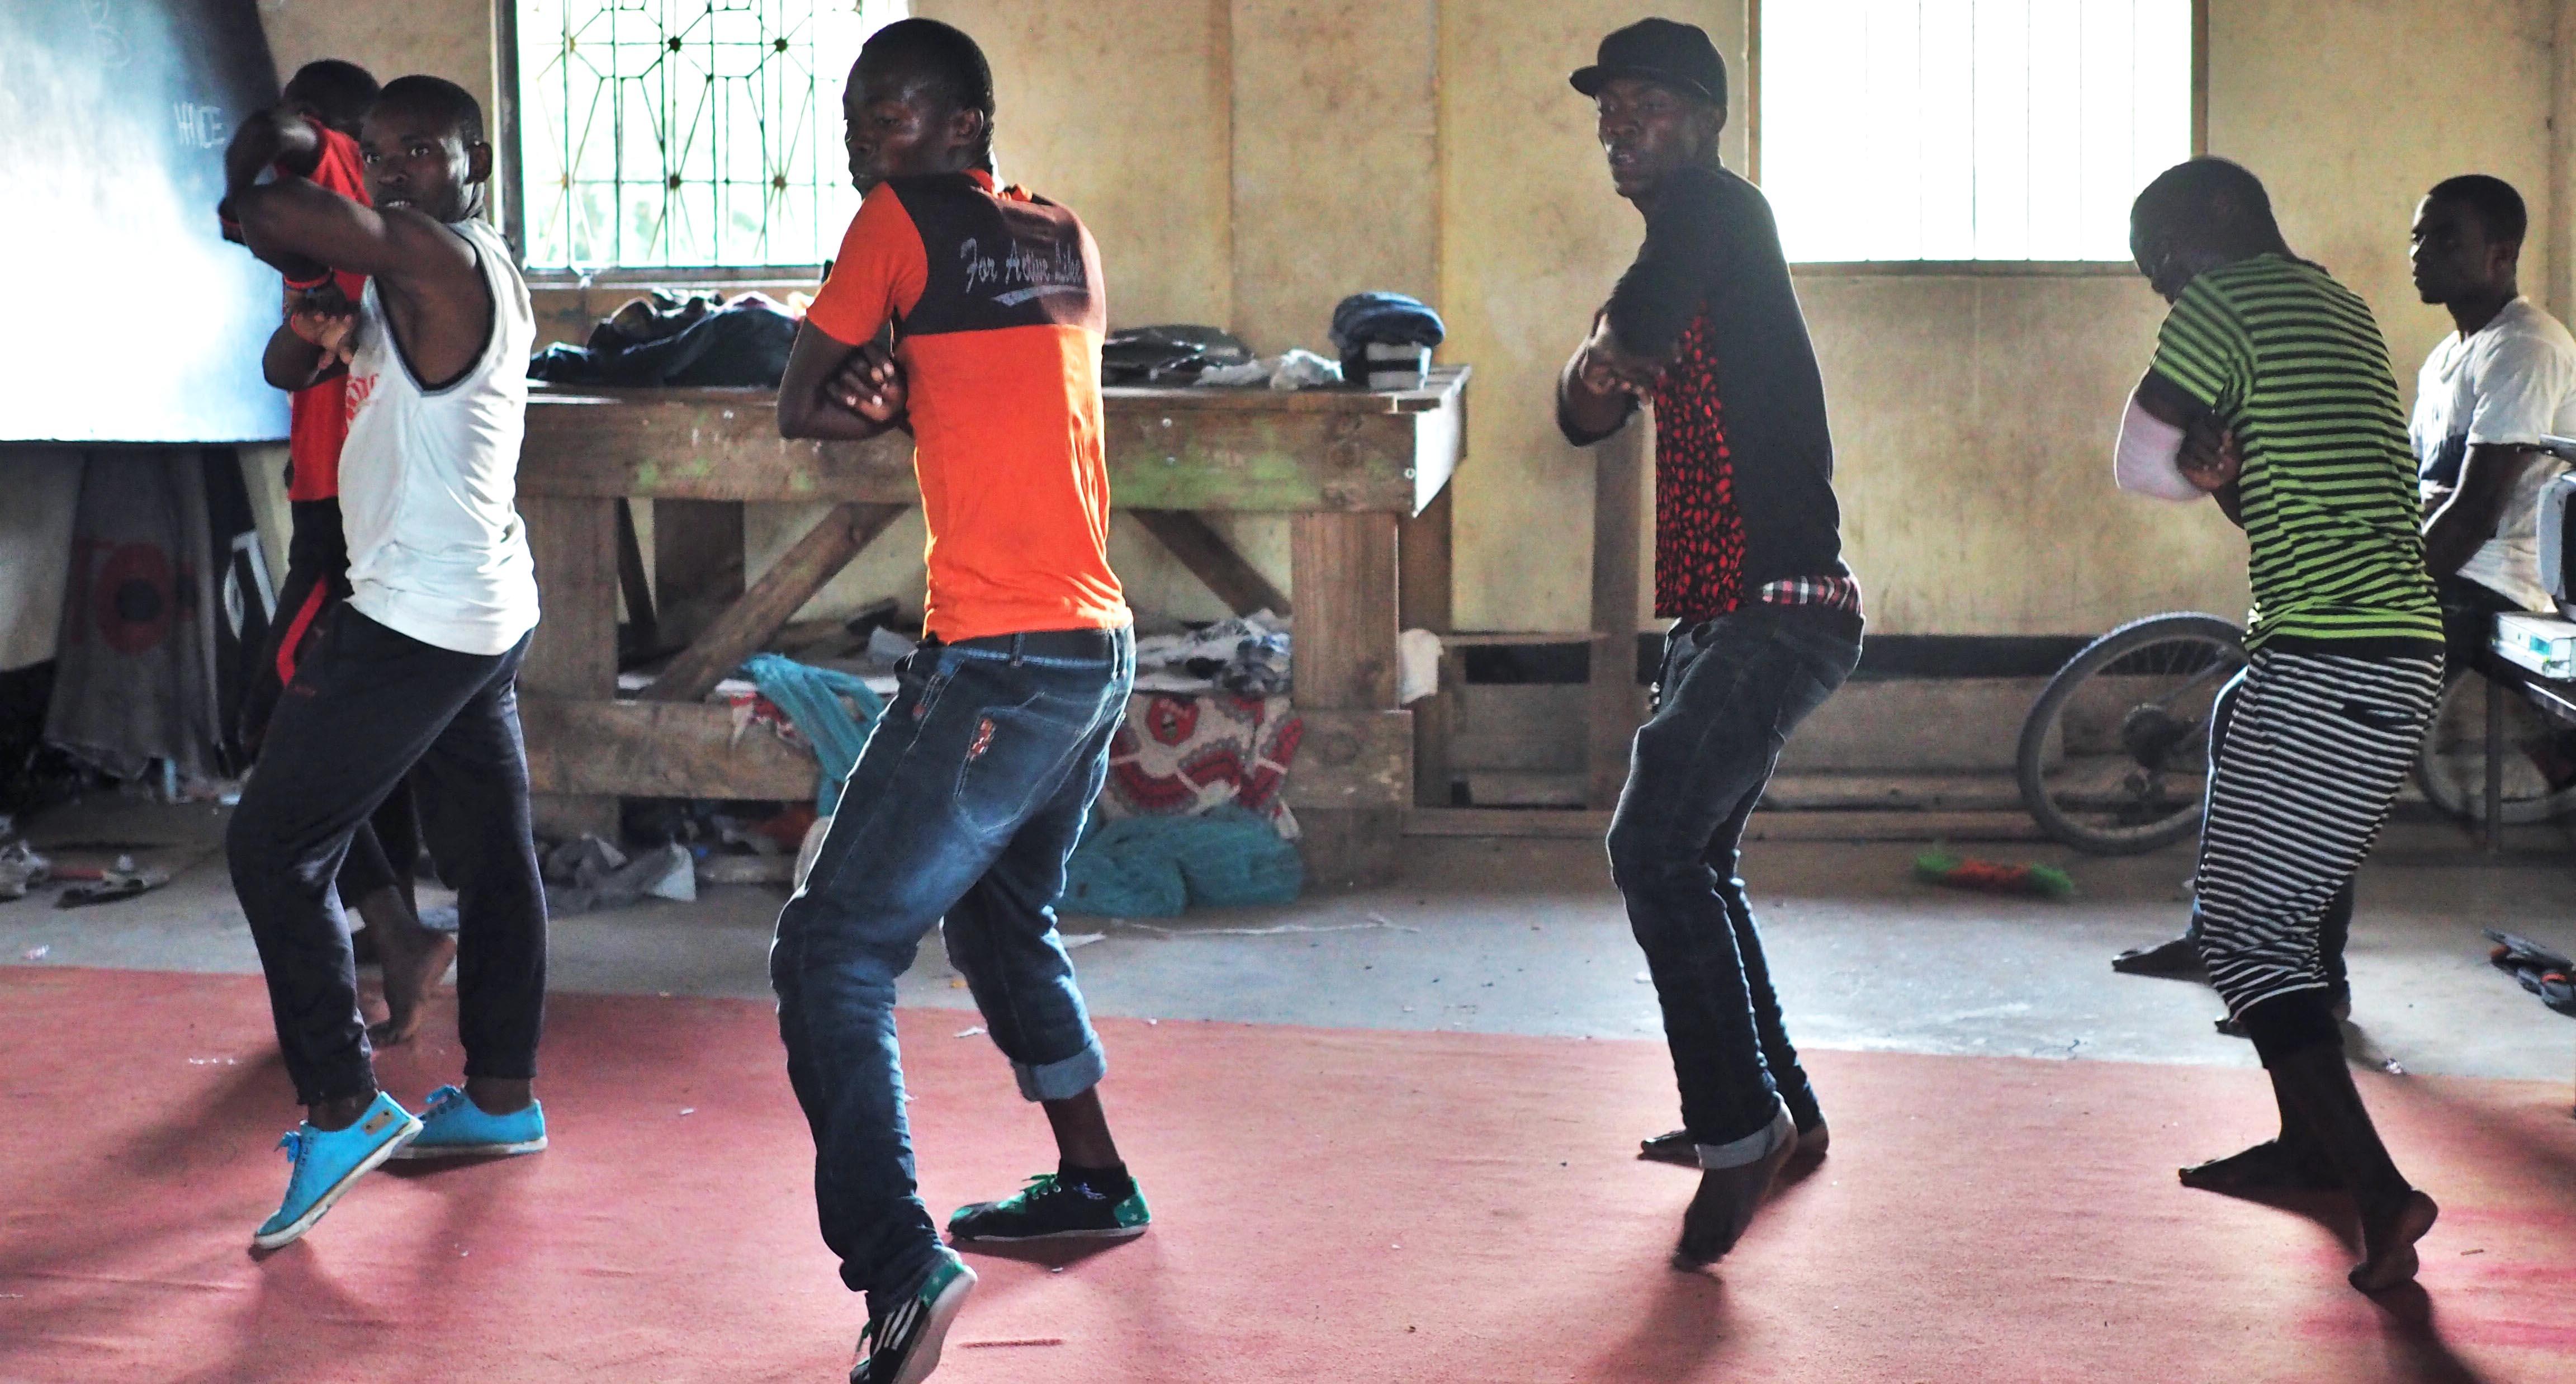 Modernin tanssin ryhmä tuo yhteisökeskukselle tuloja ja näkyvyyttä esiintymällä Dar es Salaamin yökerhoissa. Kuva: